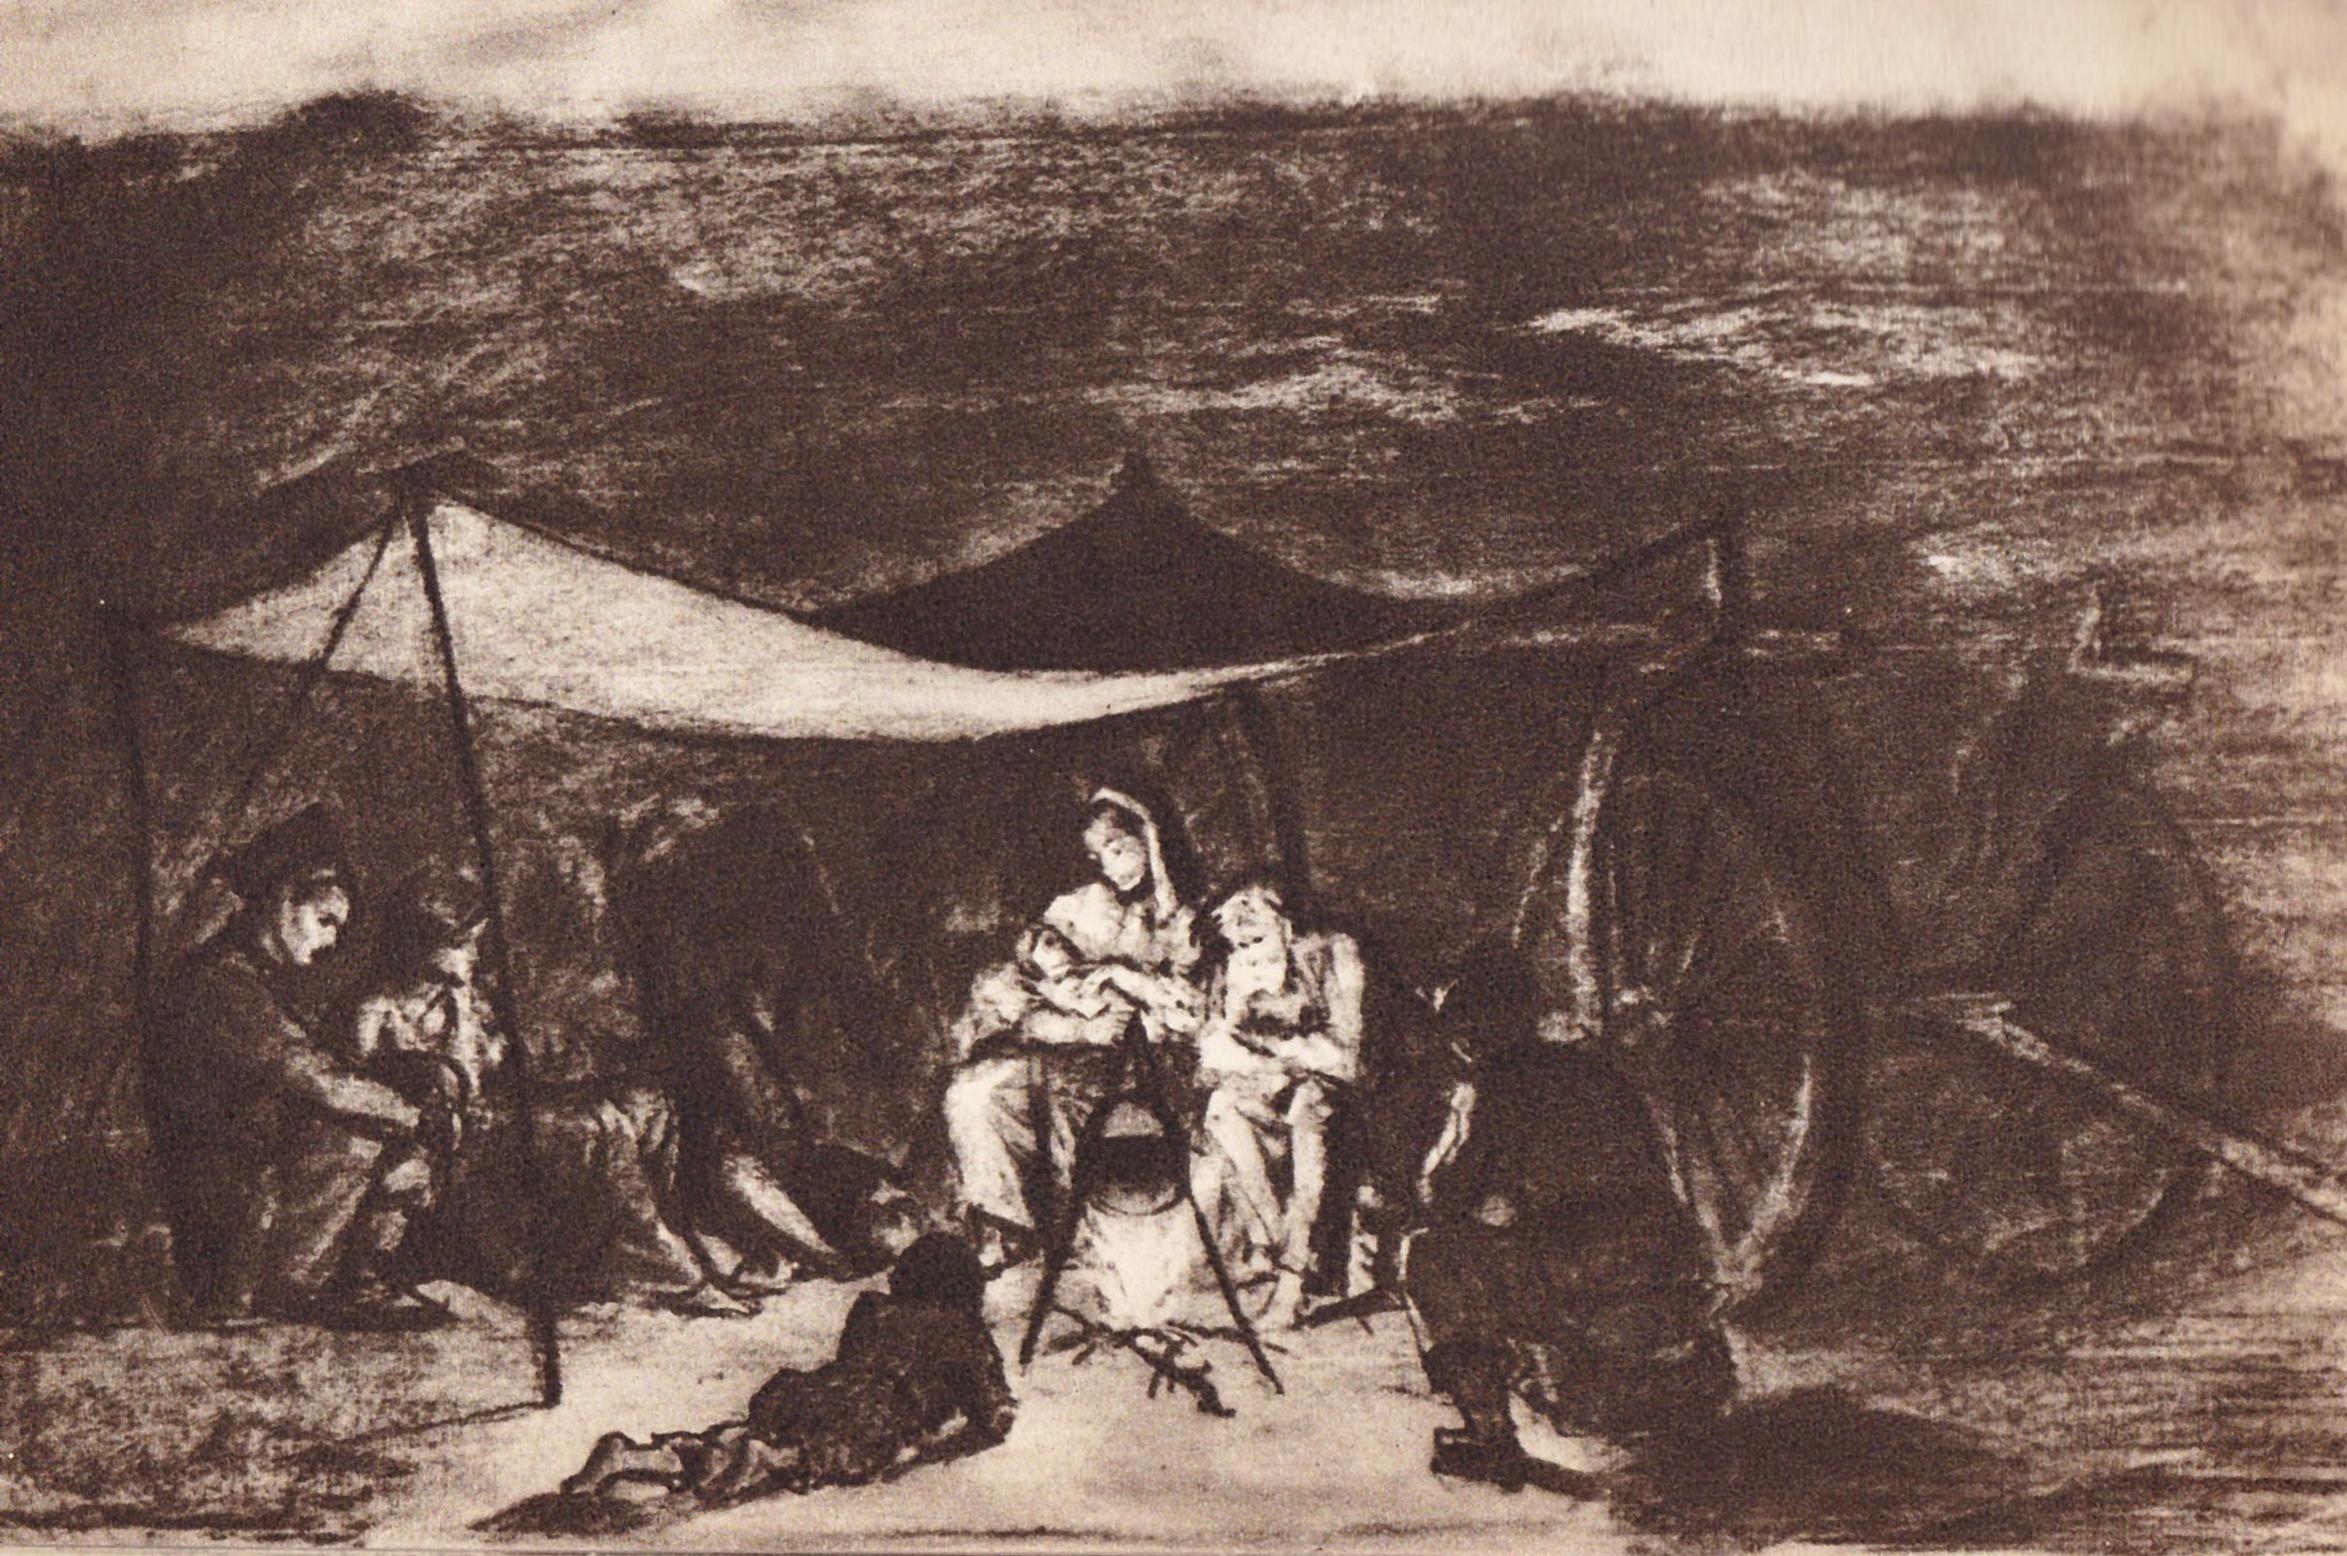 Hentia Pics with regard to file:sava hentia - o familie de tarani sub cort noaptea